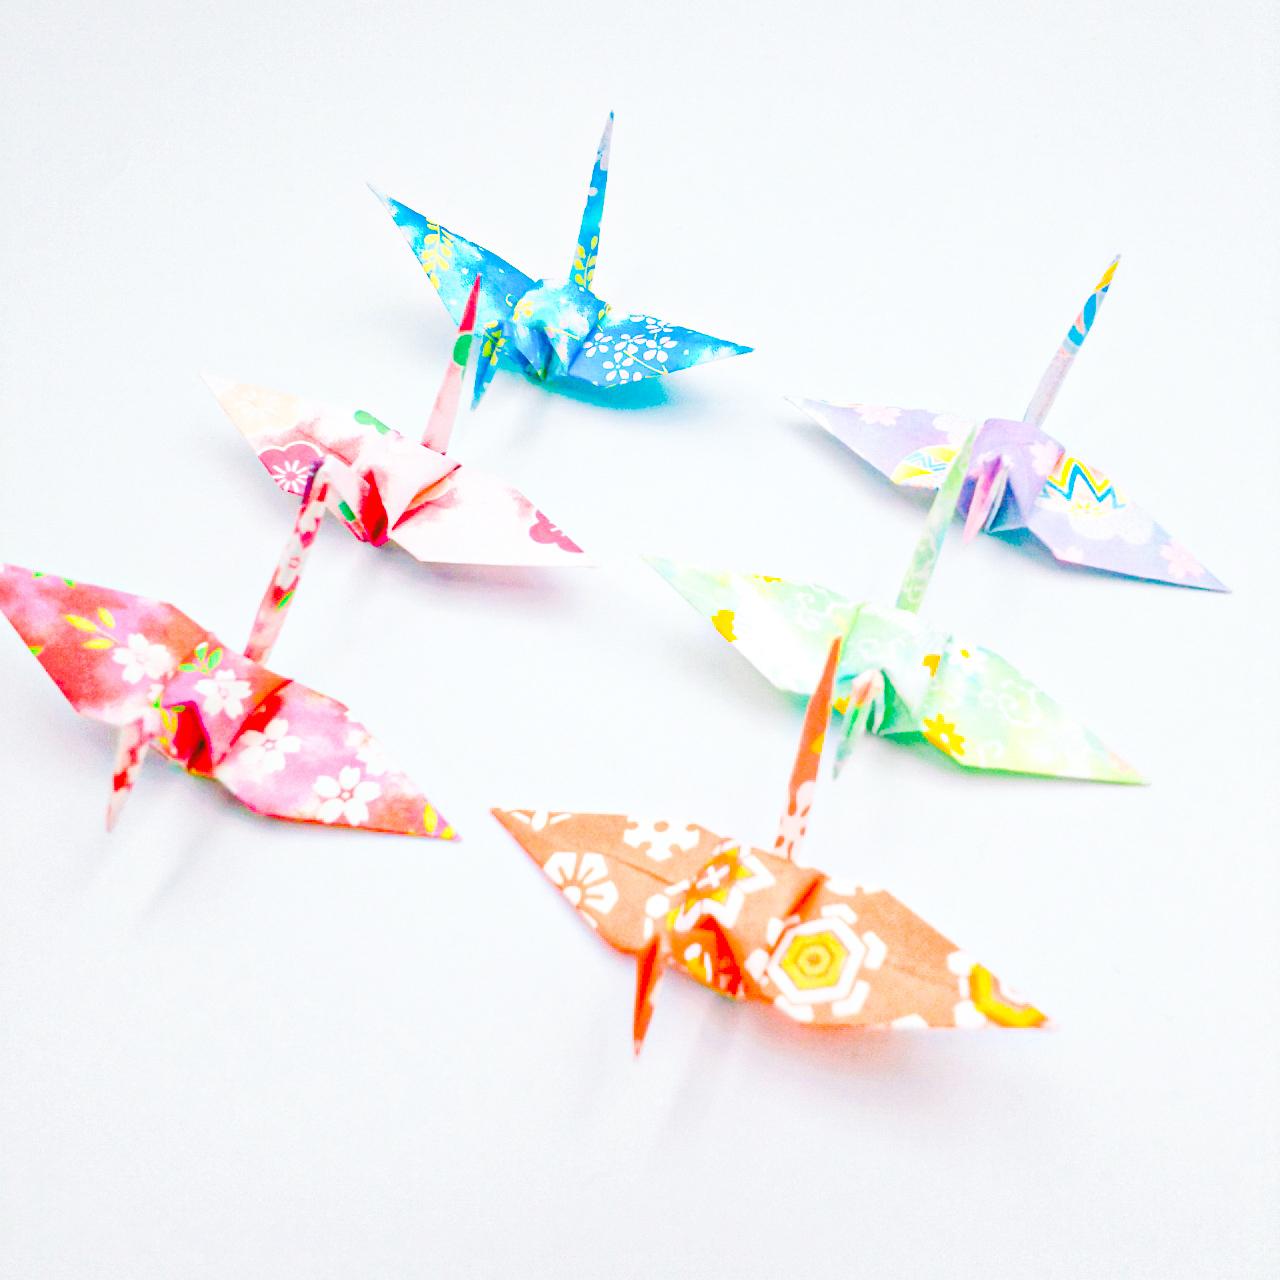 【受注制作】これからも健やかに。暖かな未来へと向かう折り鶴 (神前式、和装婚折り鶴シャワー演出・和風撮影小物) 840羽